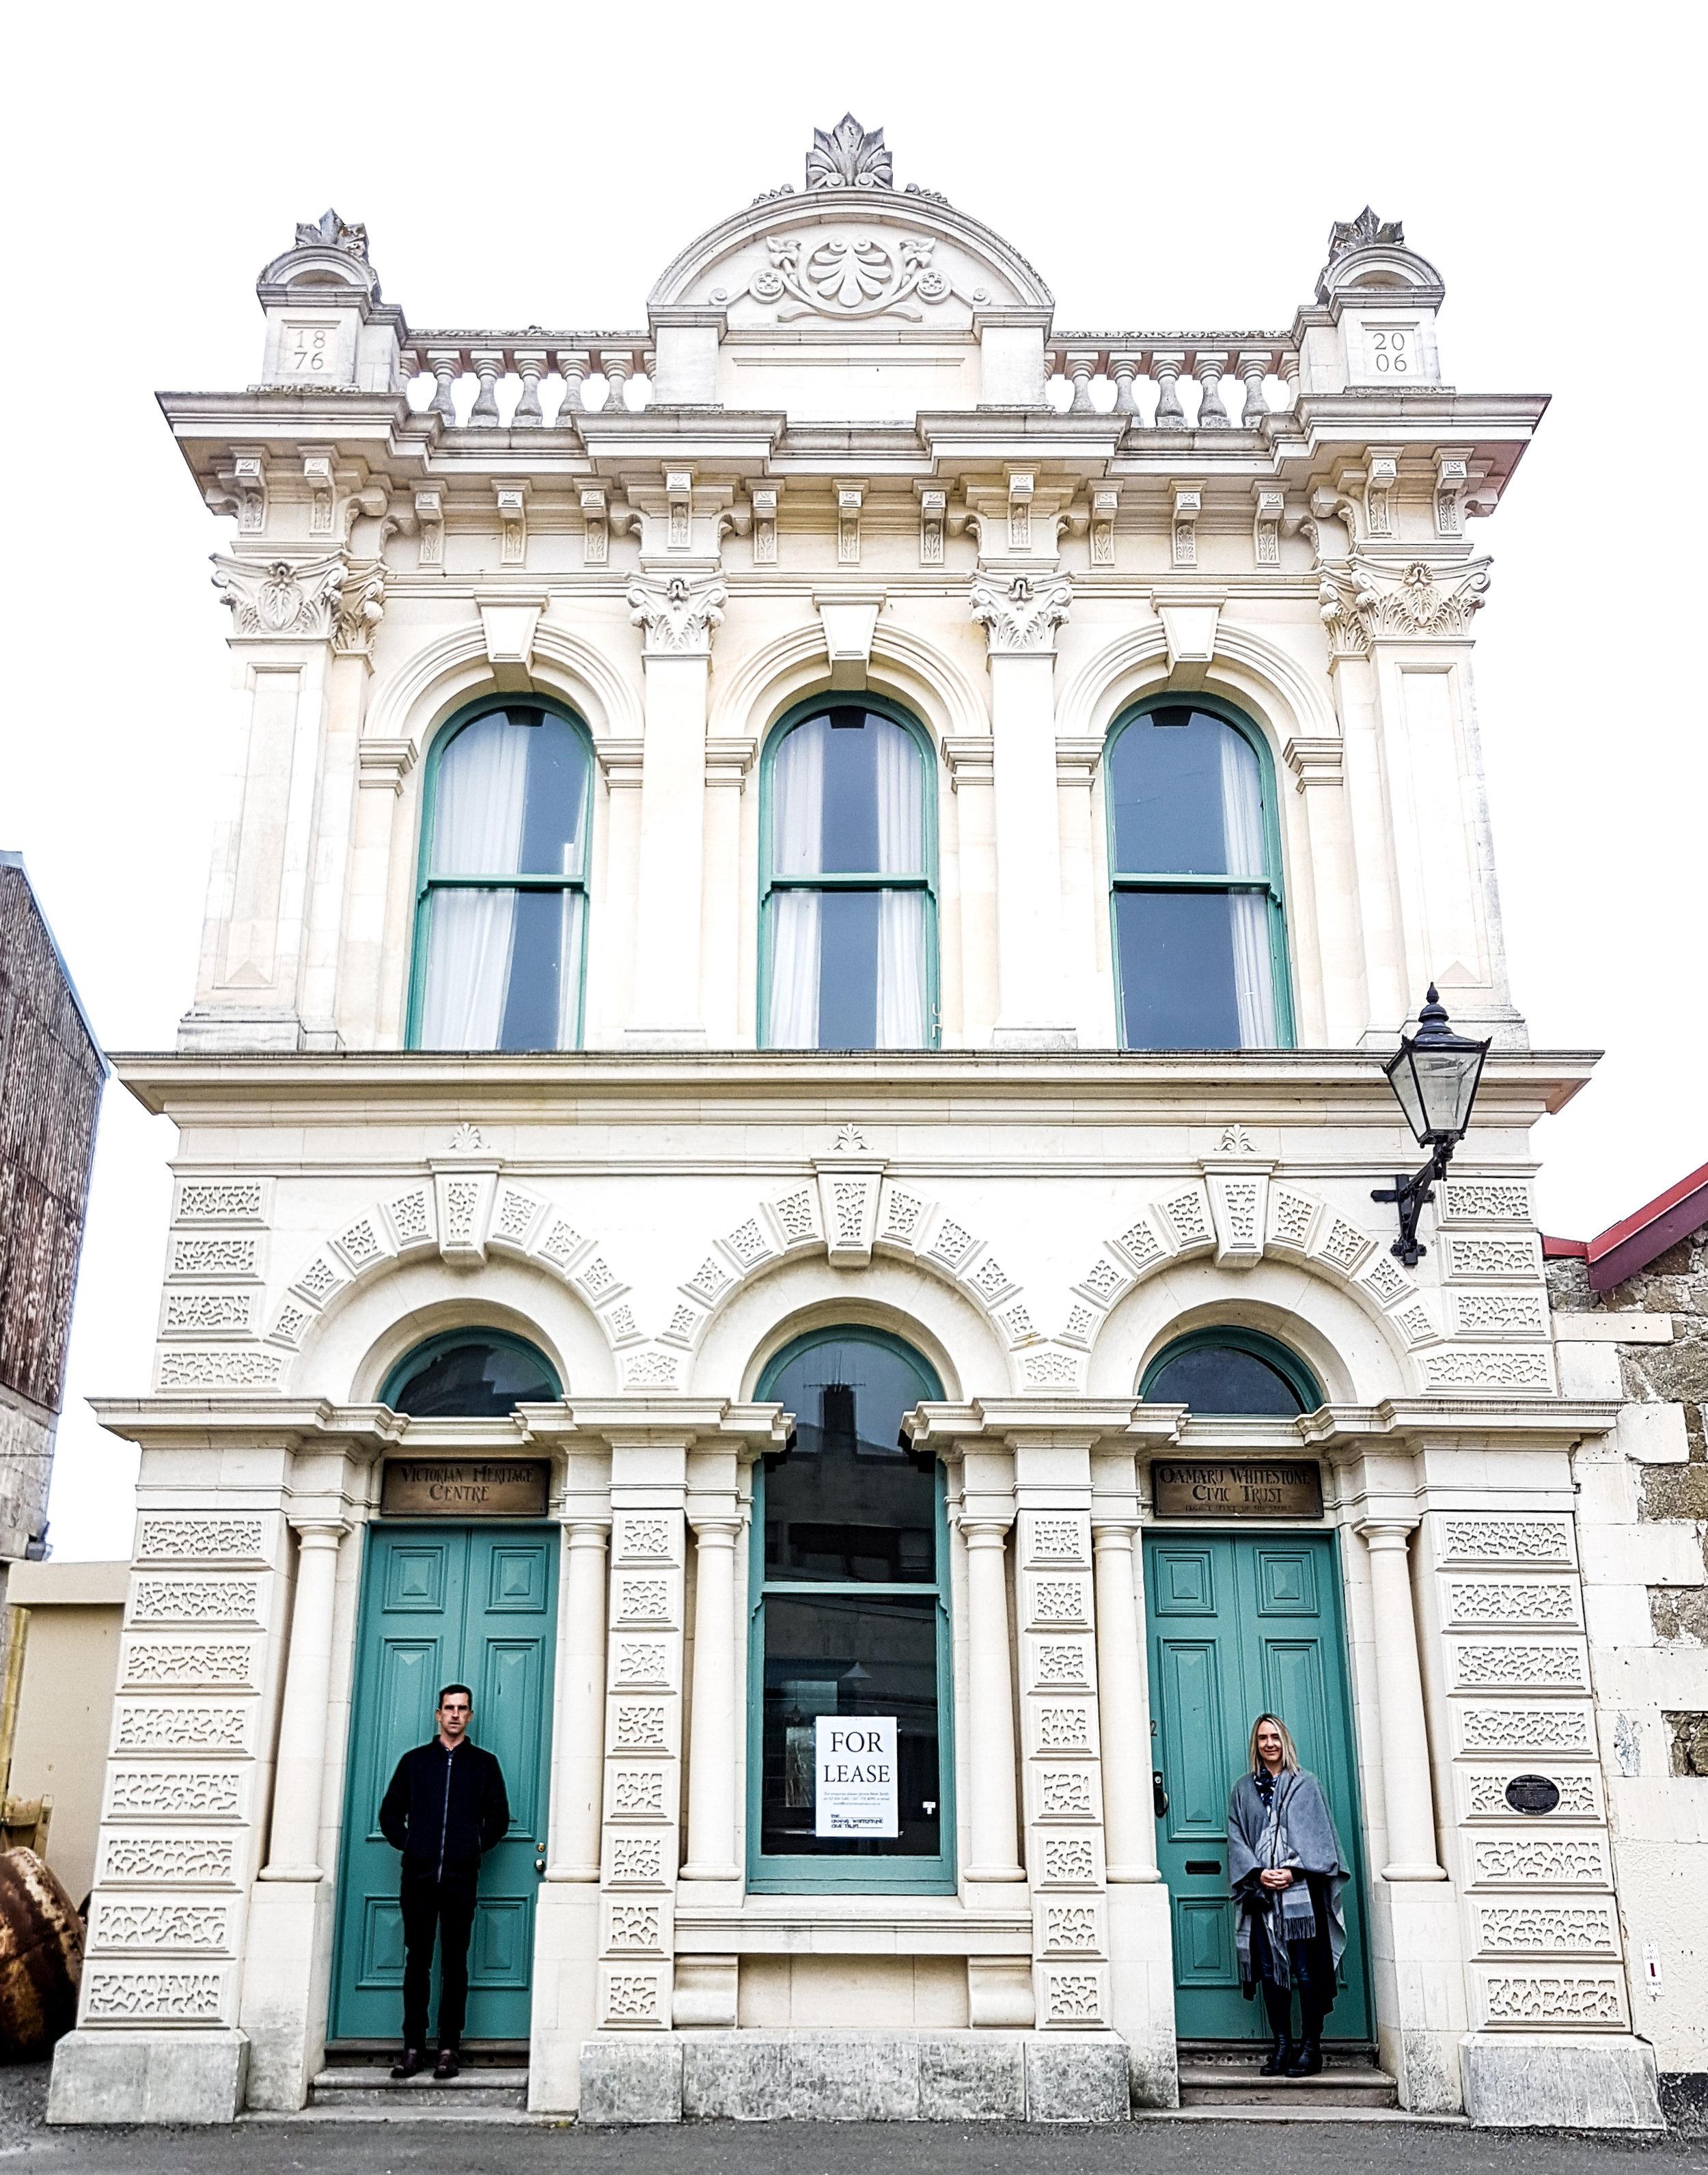 Heritage building with green doors